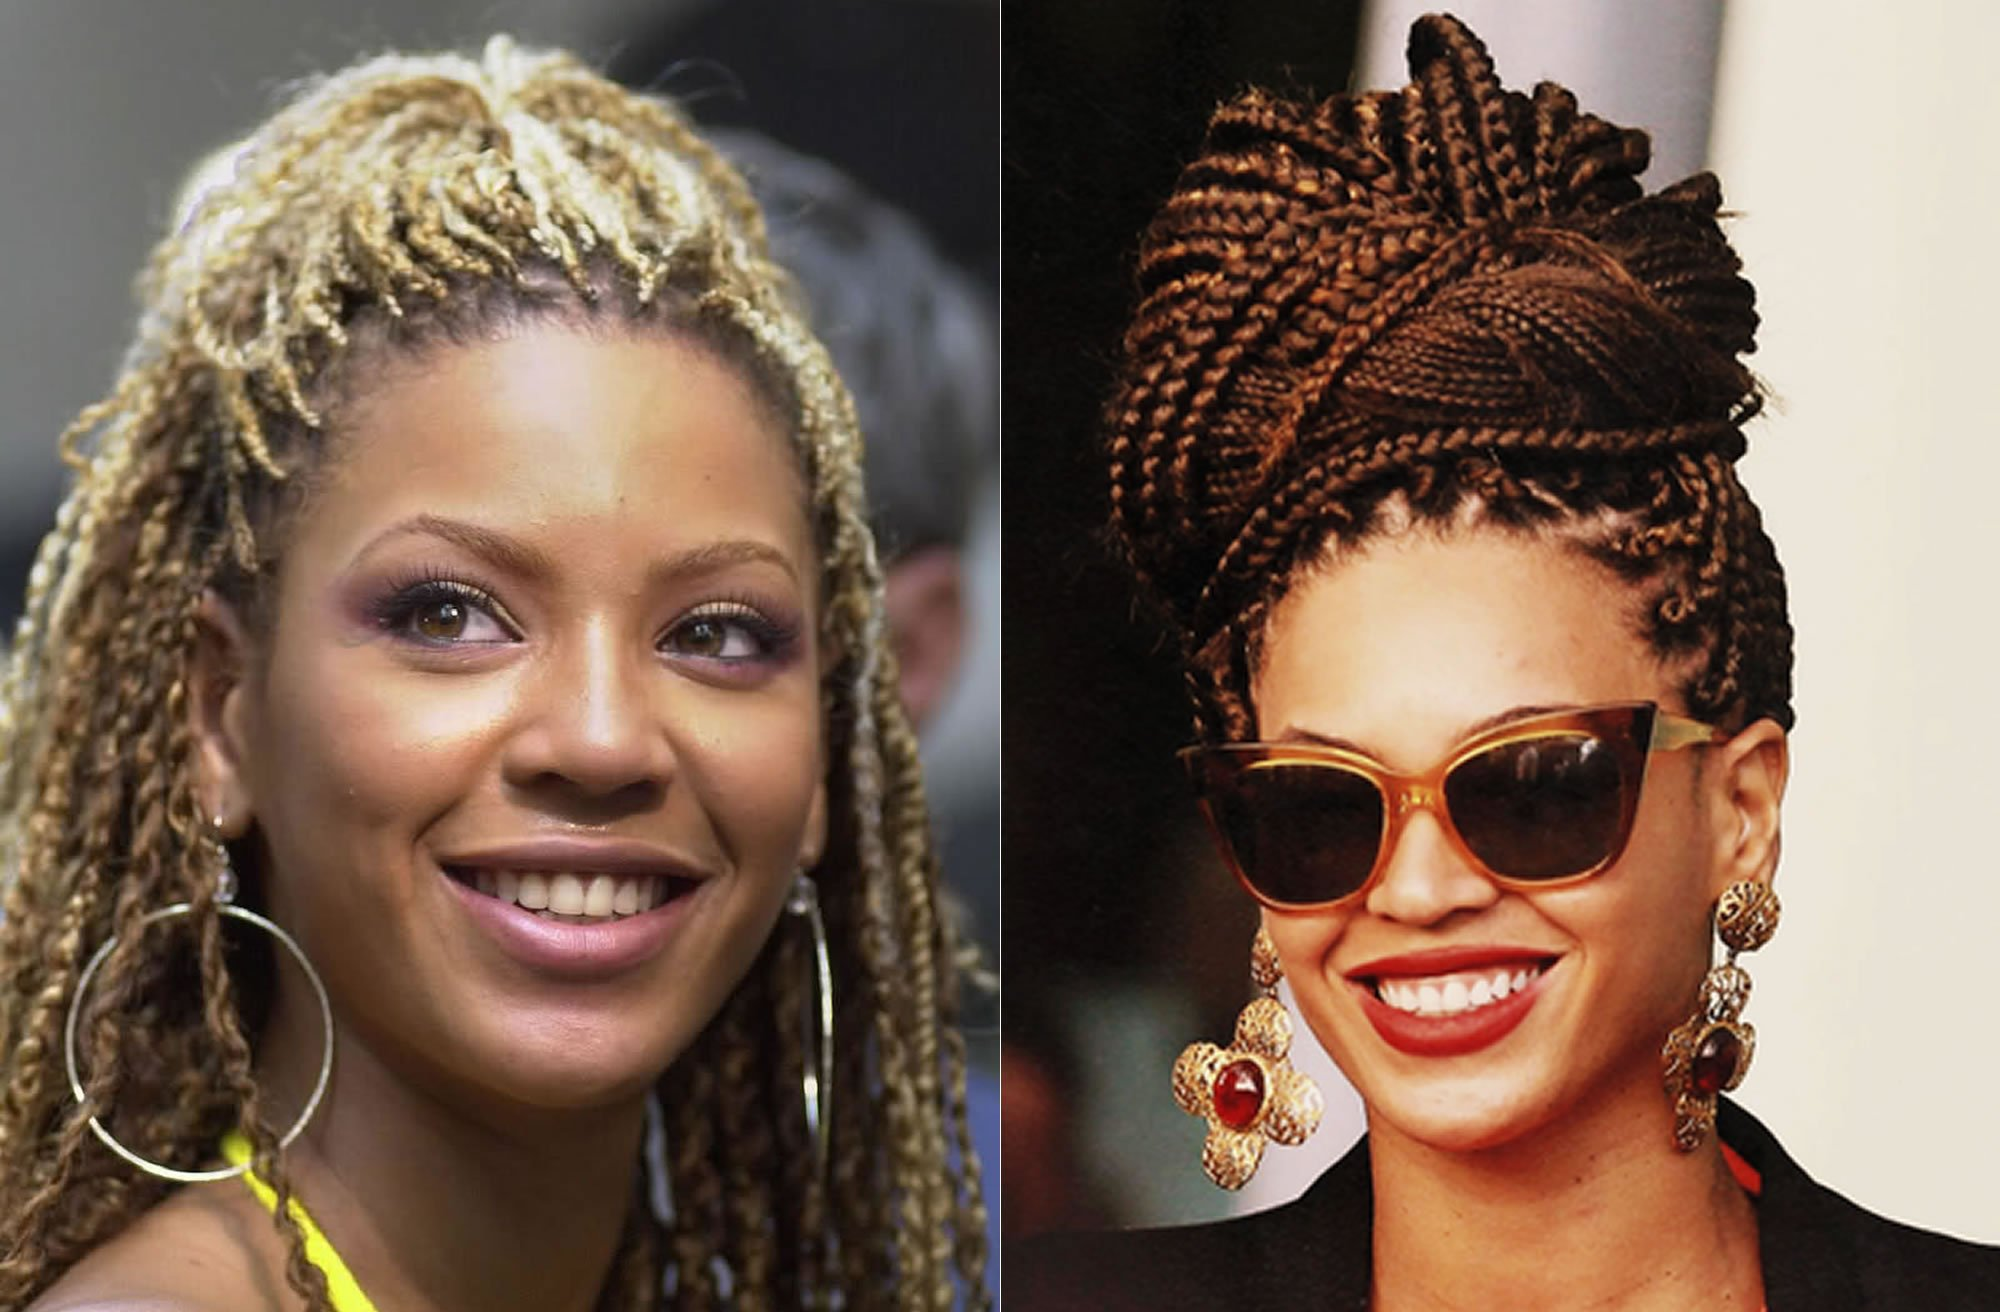 Popular Hairstyles Braids: Best 30 Braided Hairstyles For Black Women 2018-2019